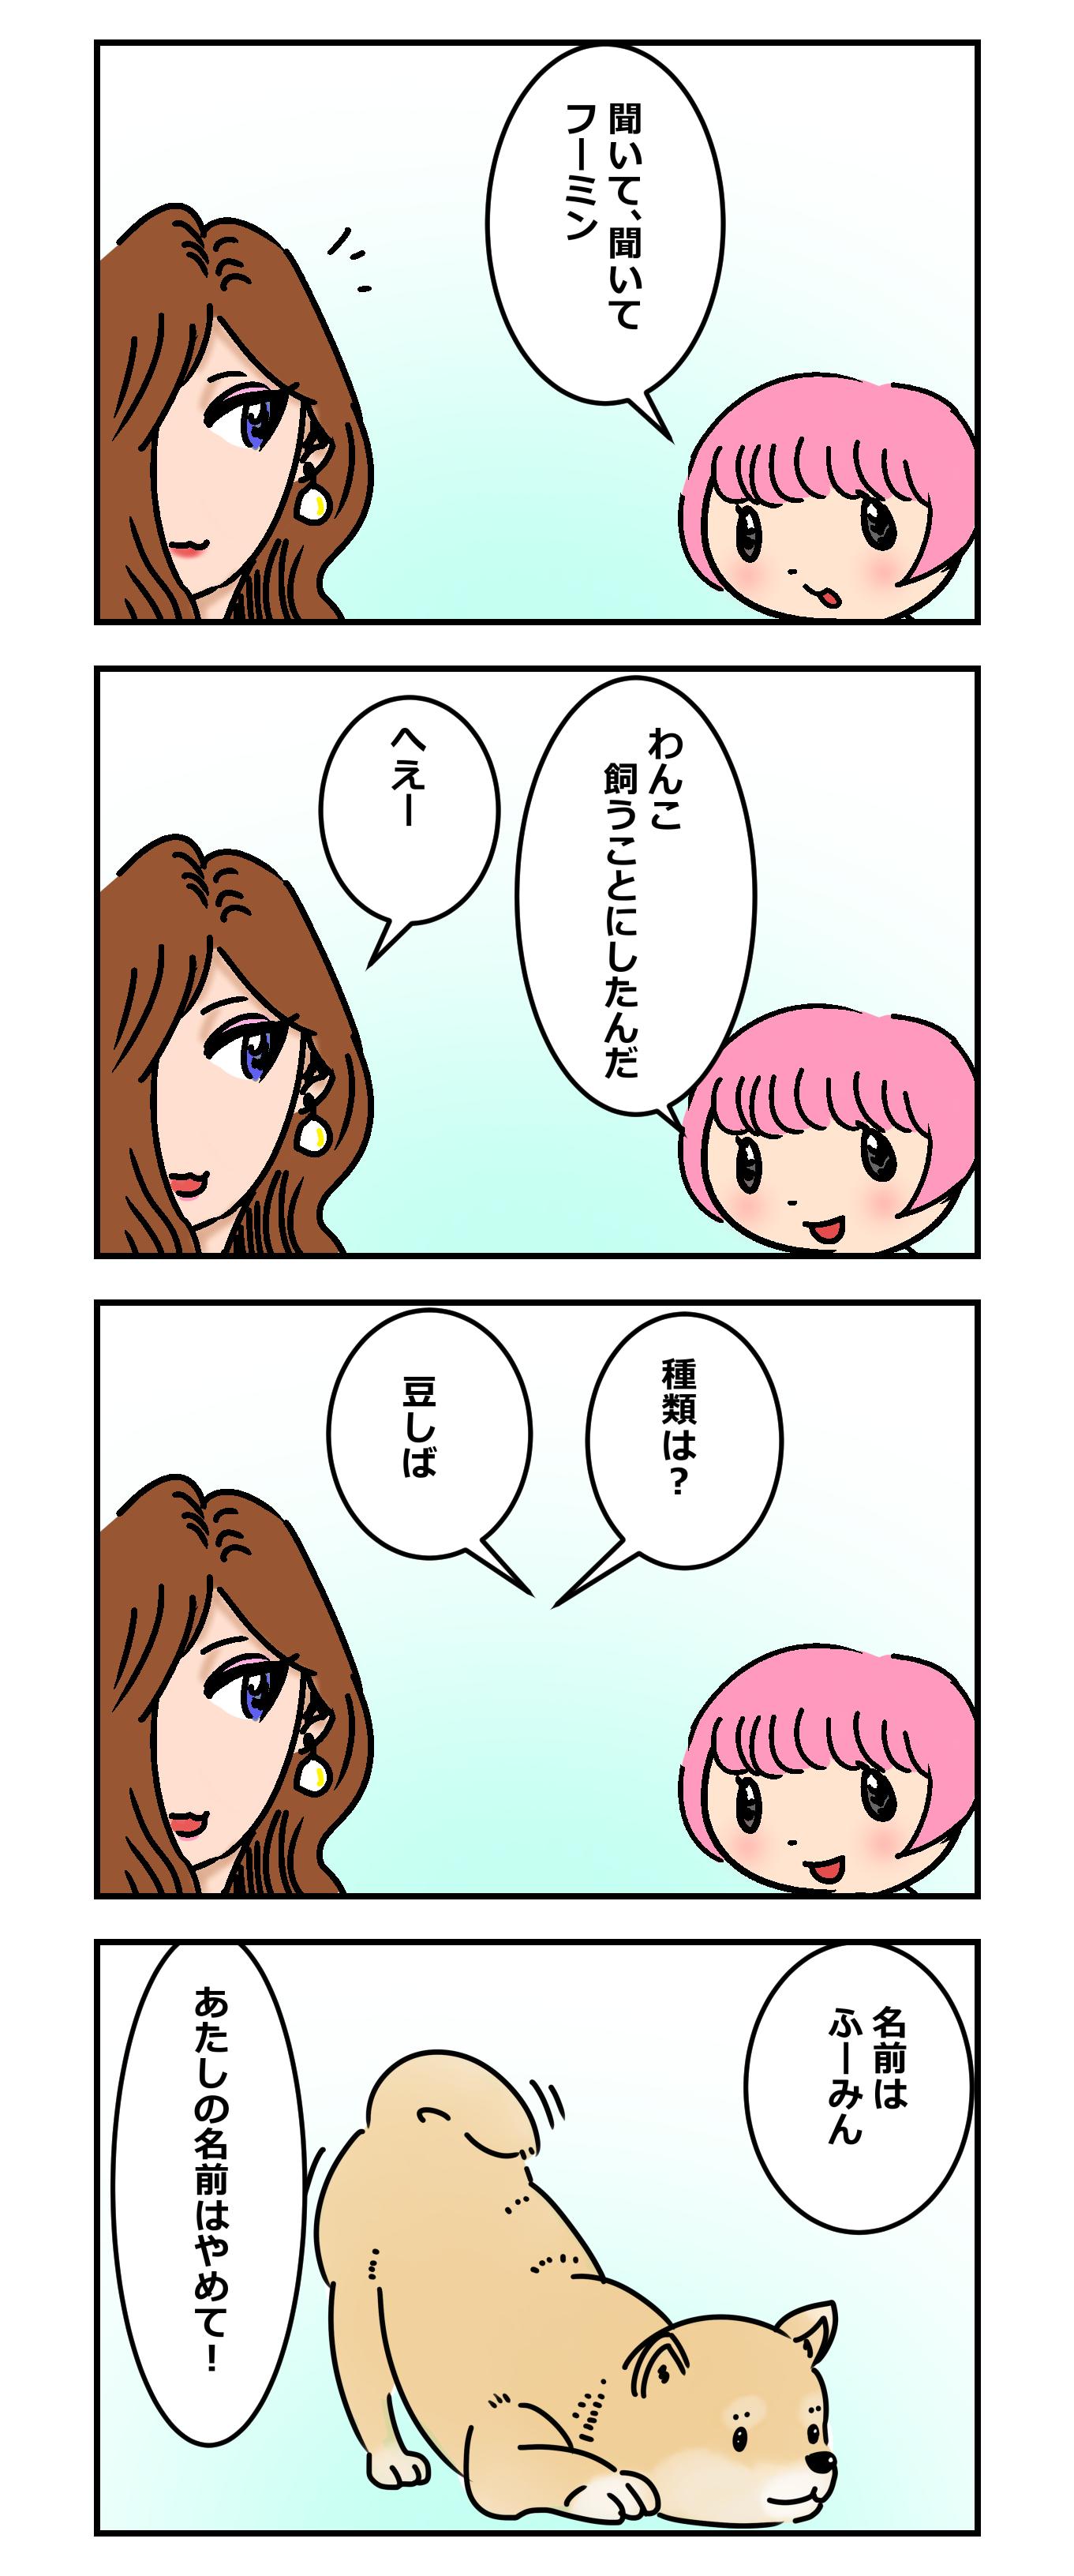 みーこ1本29